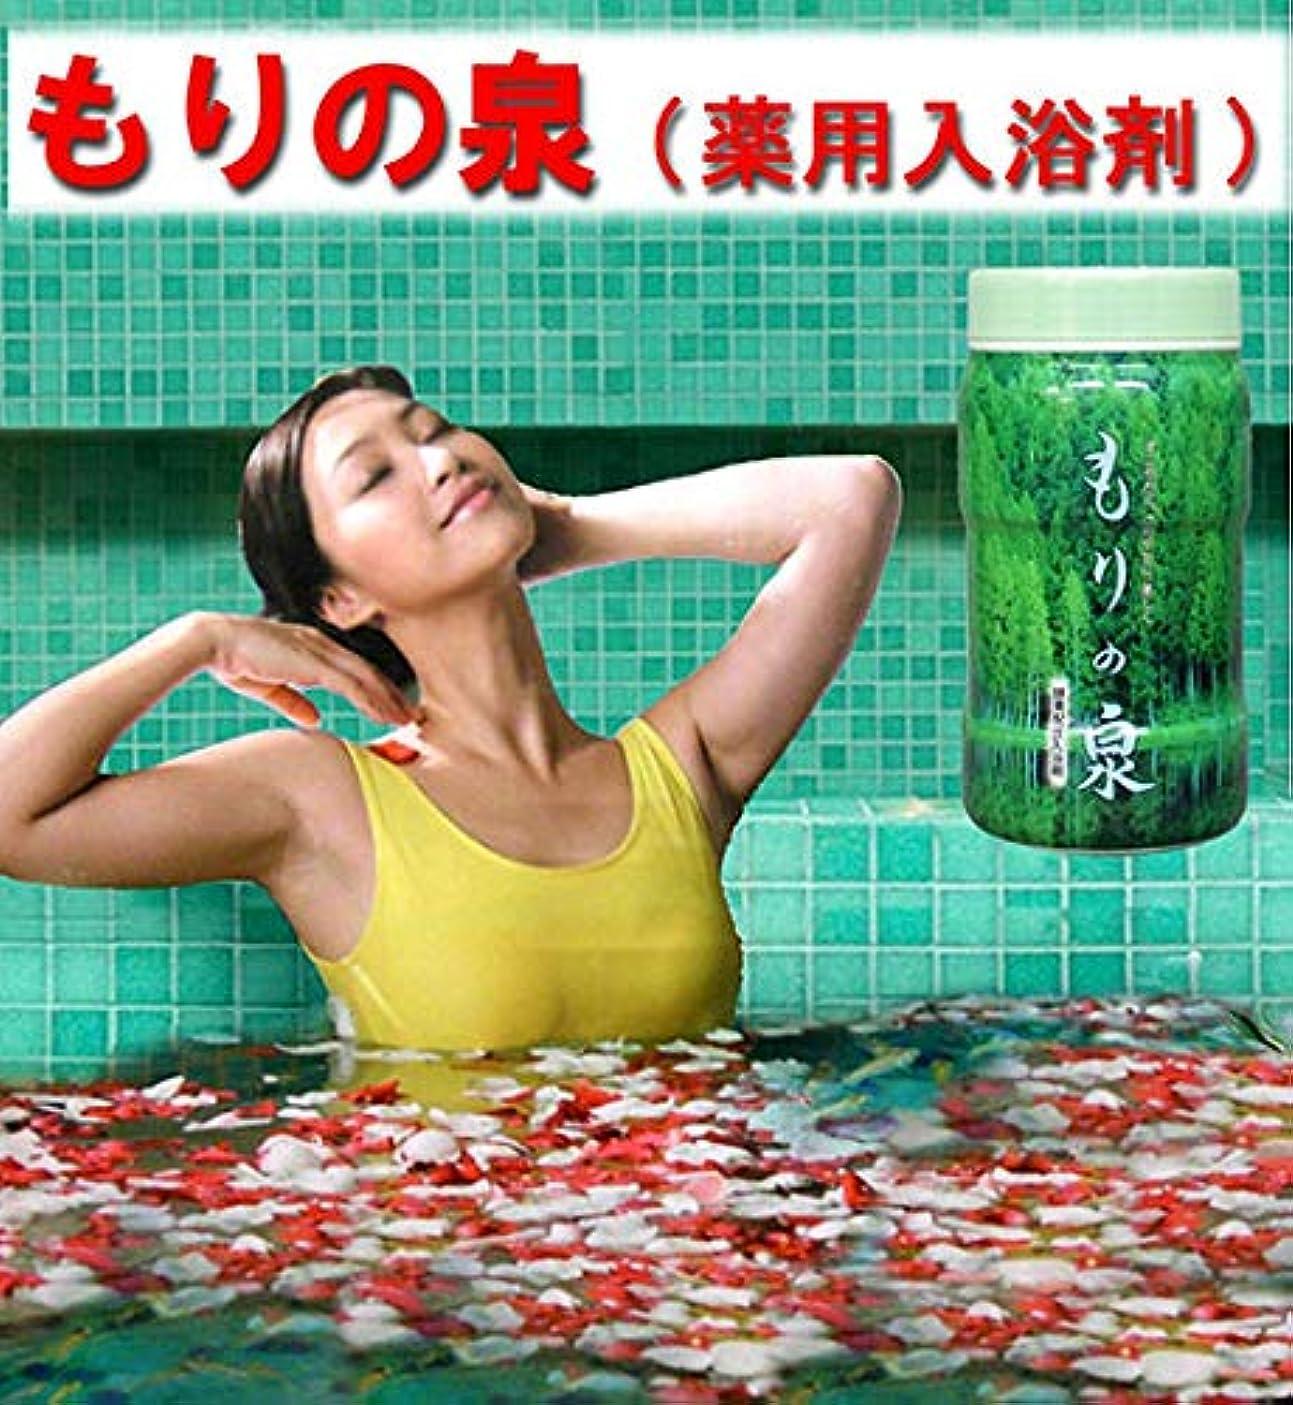 証明書ハーブボア酵素入り入浴剤 もりの泉 徳用セット 12本